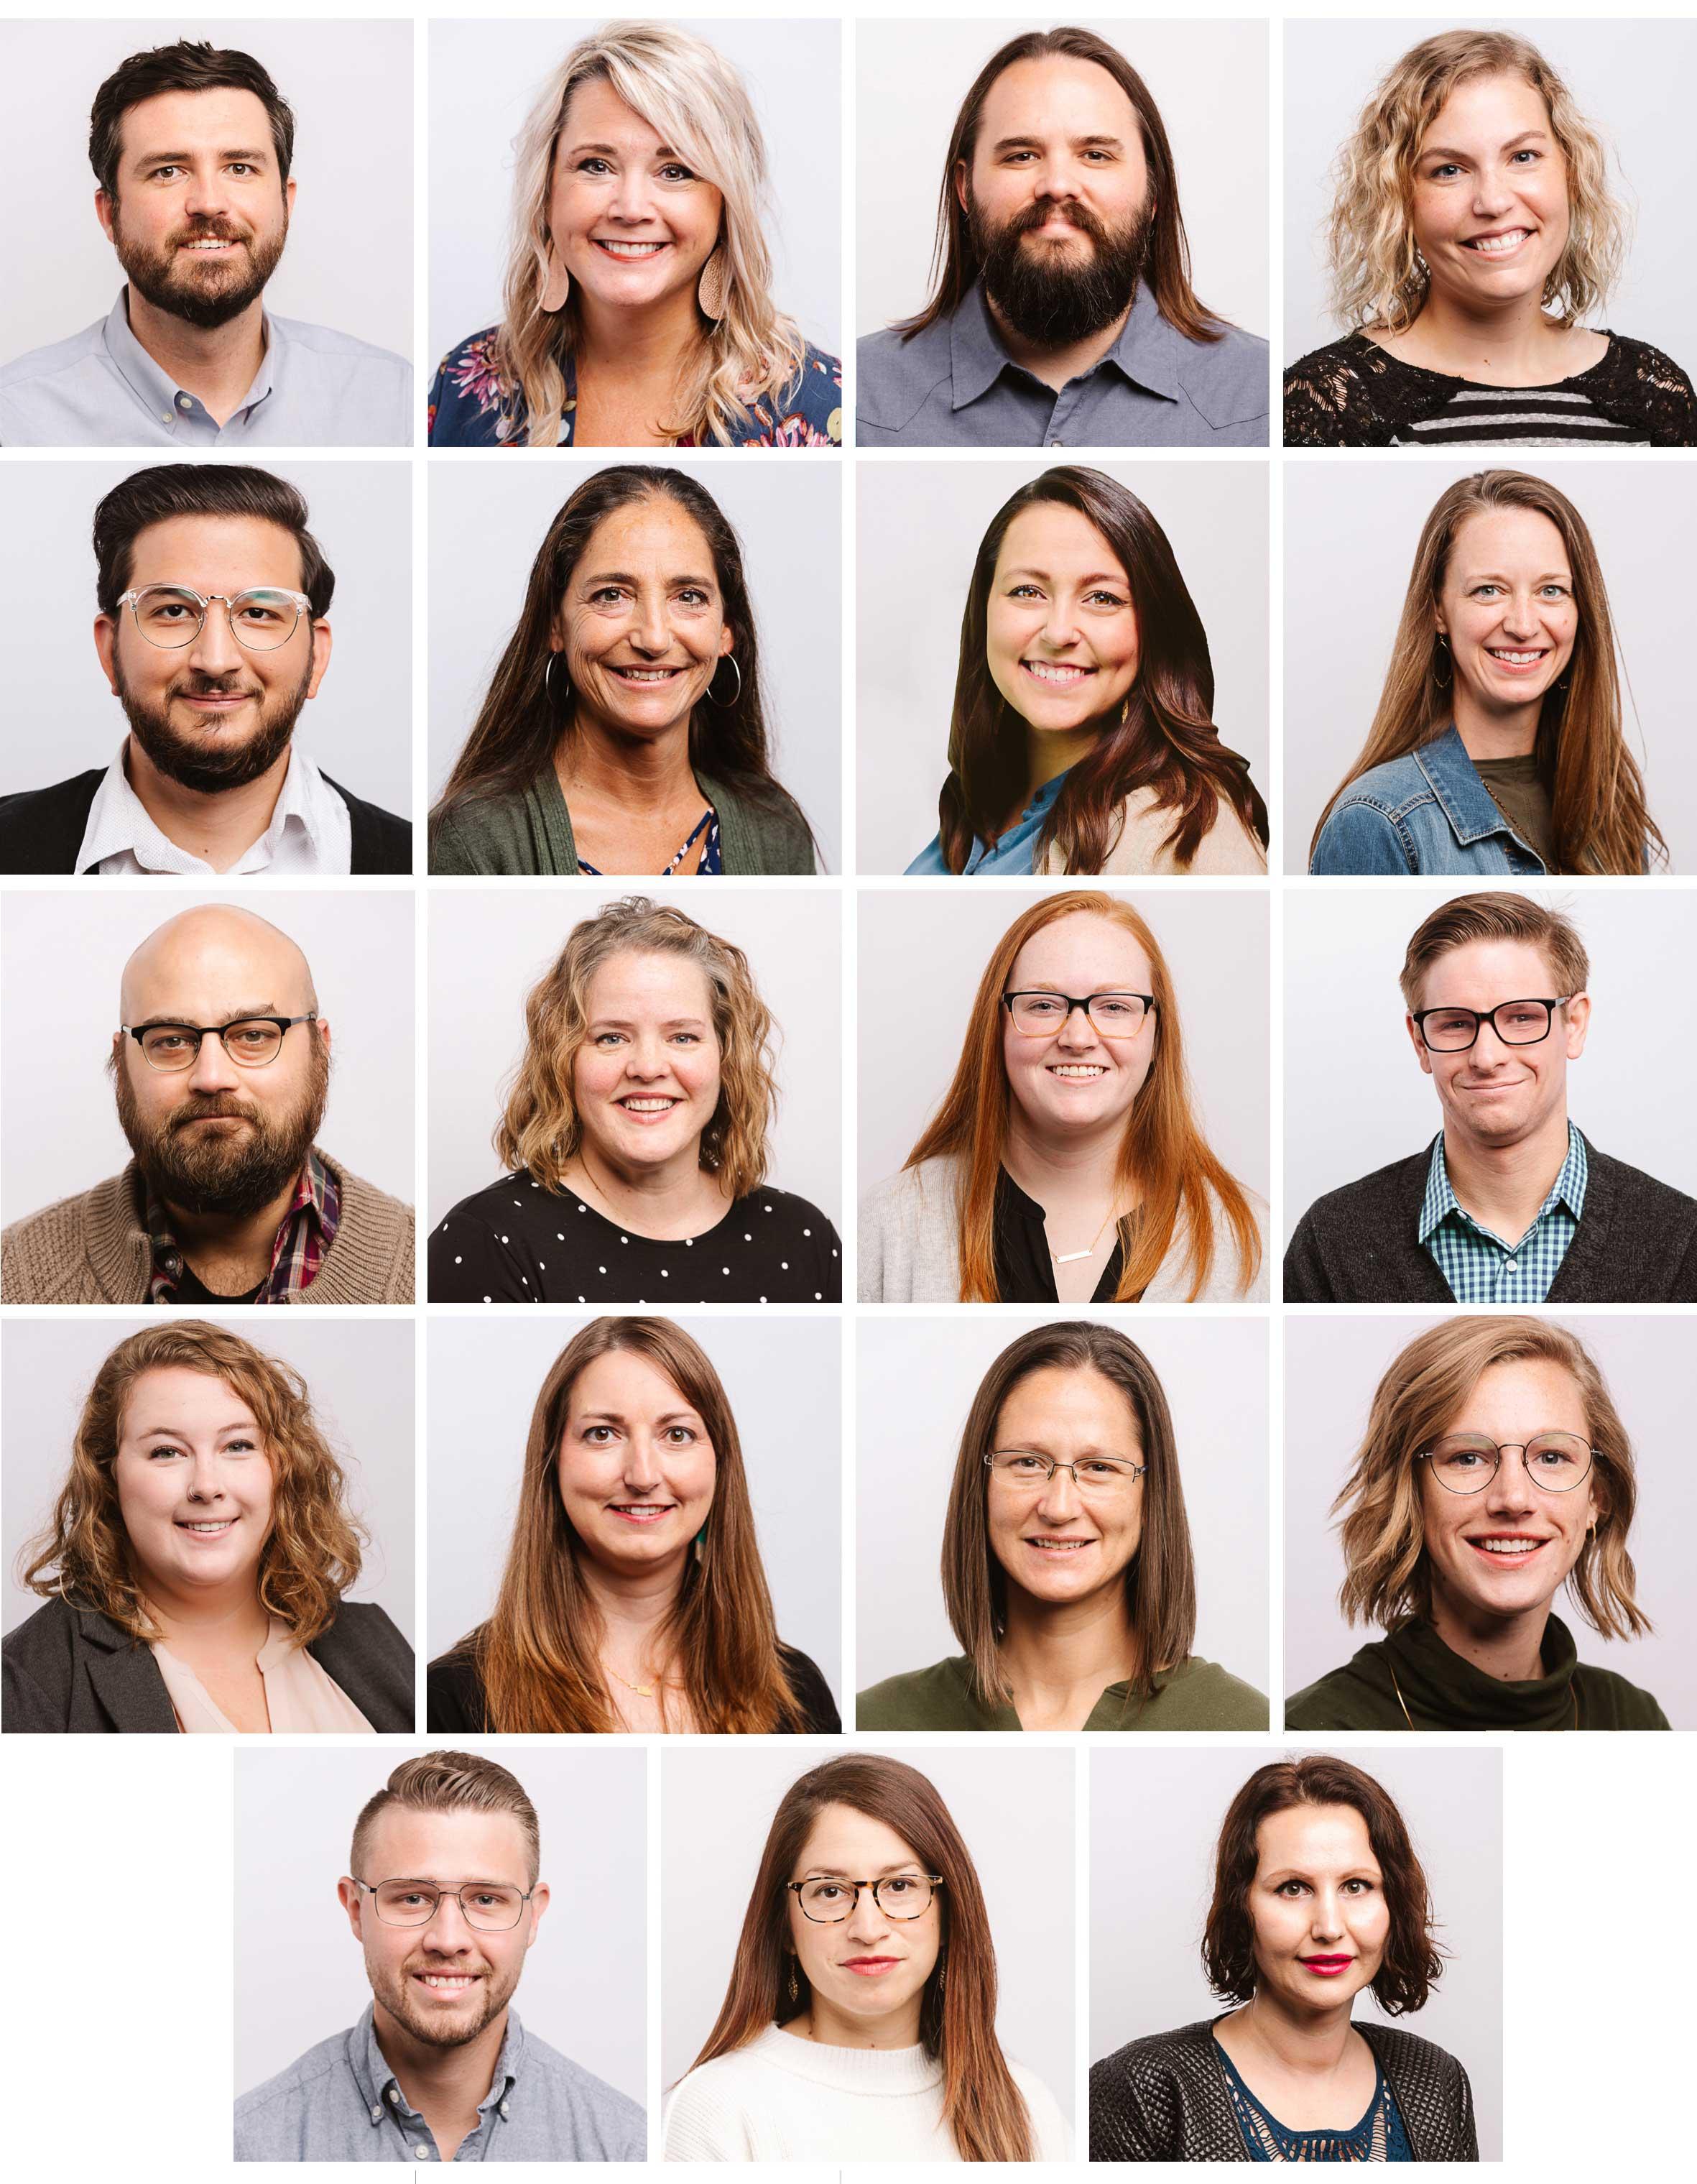 Photos of Renew's therapists